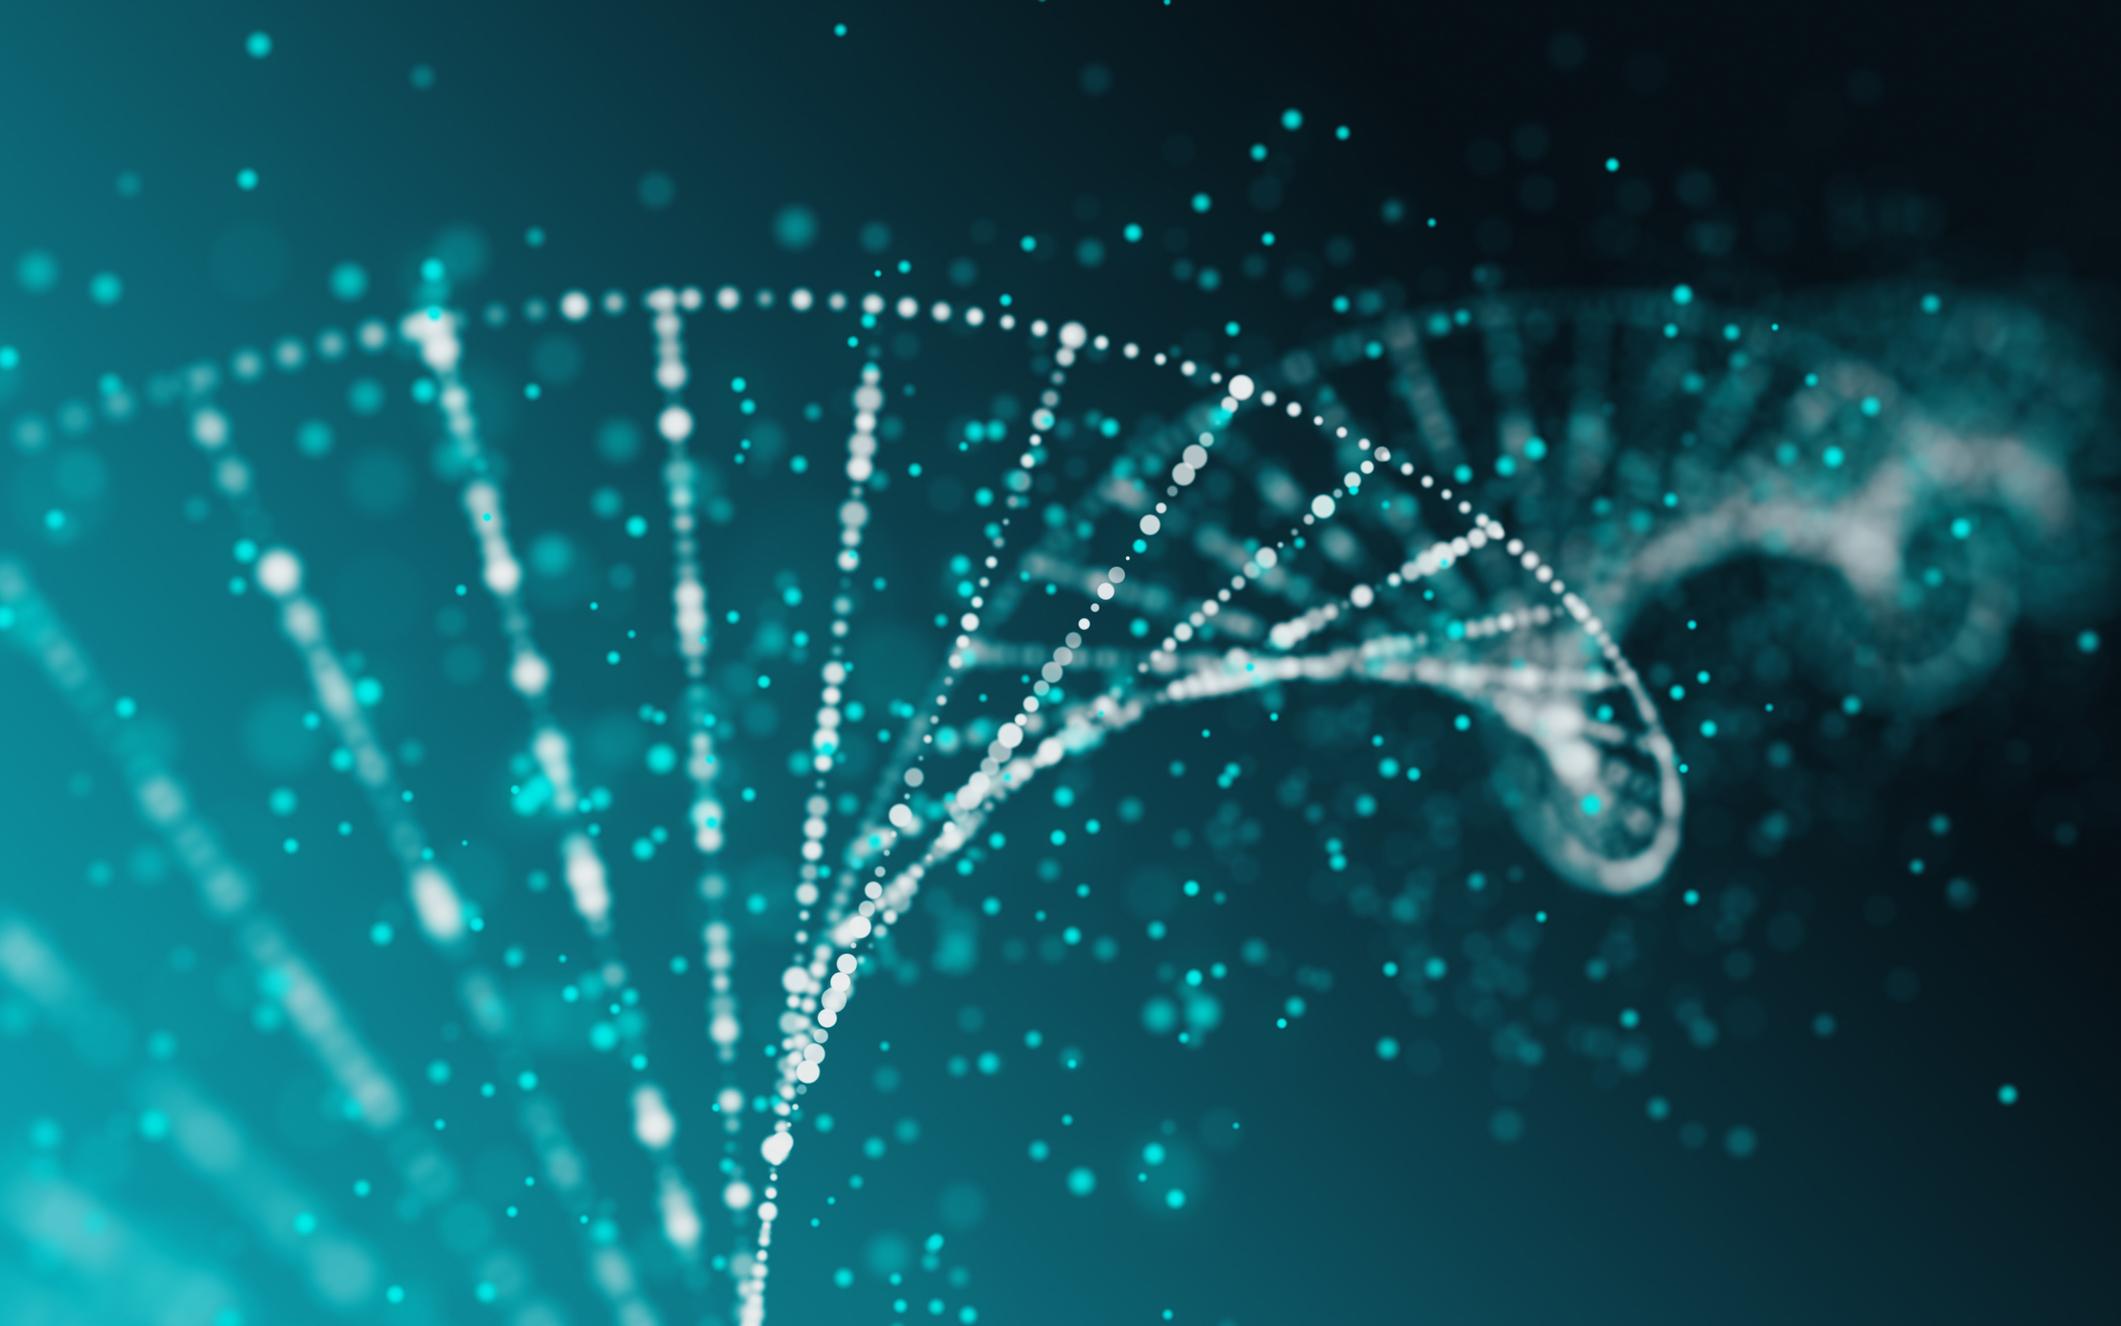 La Microbiome Foundation et INRAE s'engagent dans un partenariat d'envergure pour accélérer la recherche sur le microbiote intestinal